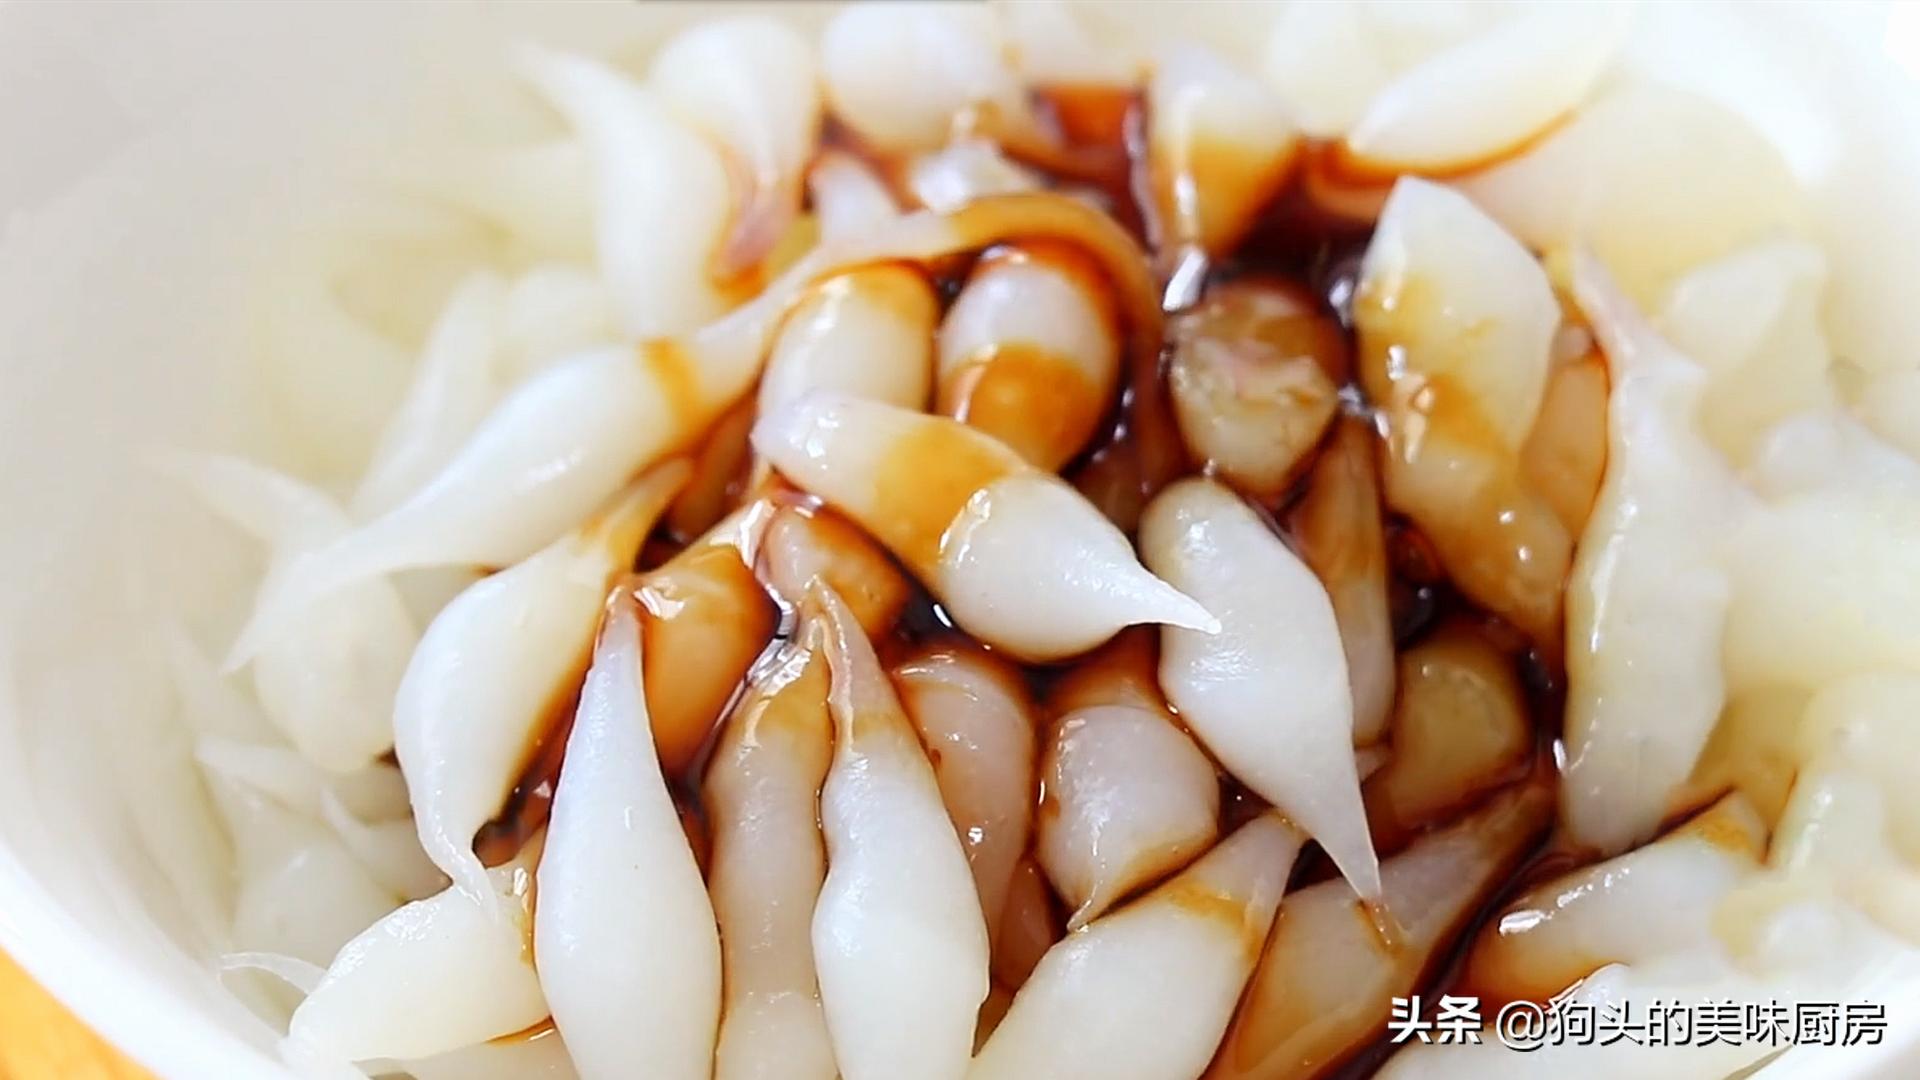 天热就喜欢吃它,6块钱一碗,自己也能做,筷子一搅,爽滑又筋道 美食做法 第15张